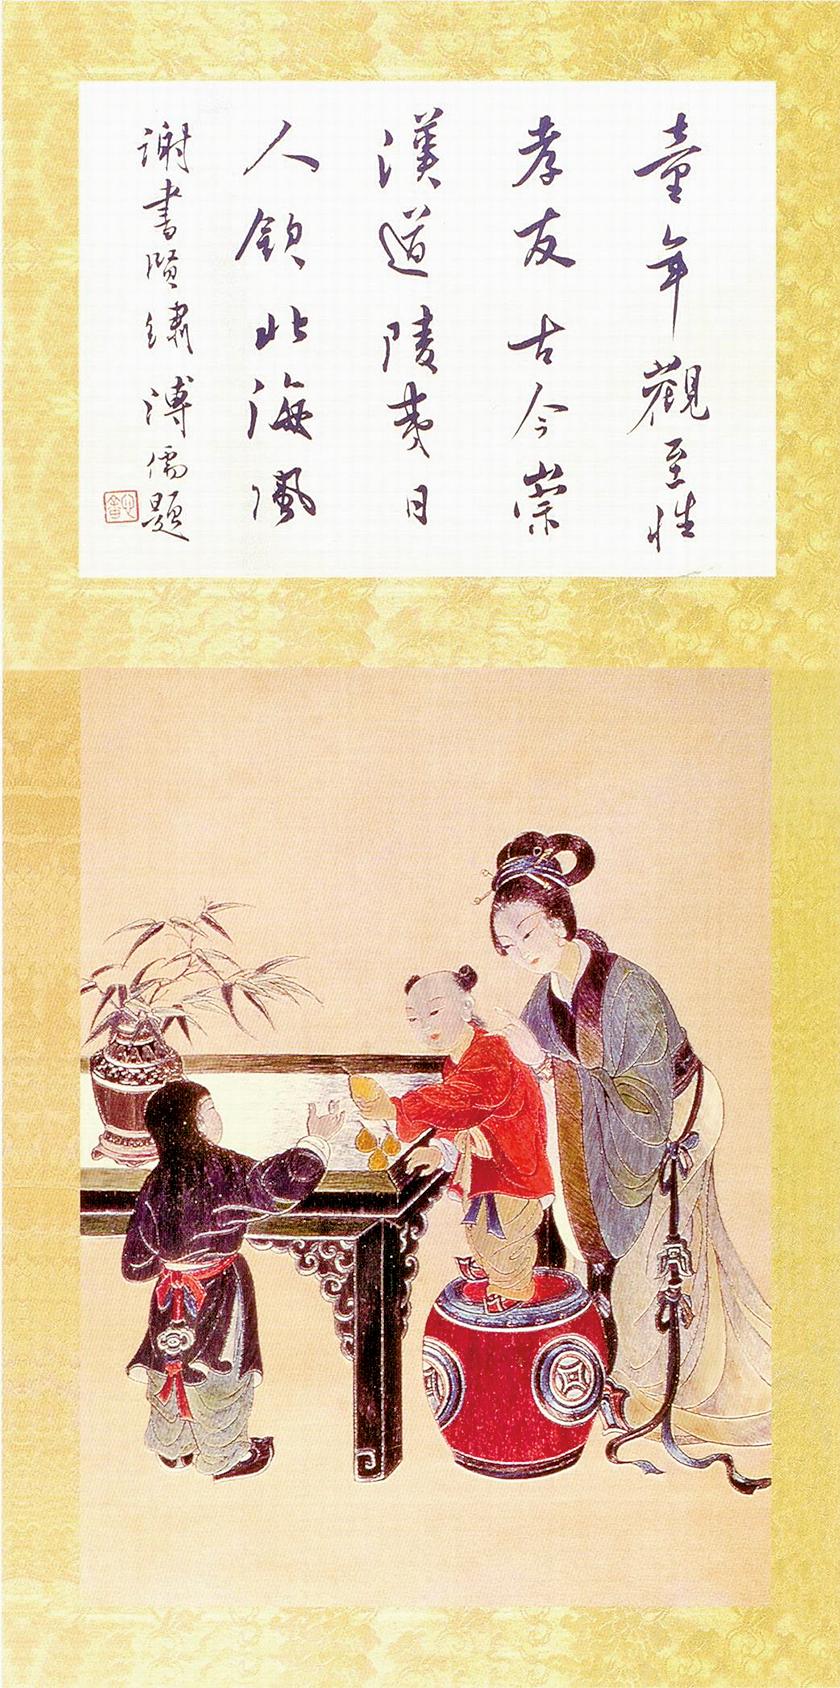 《孔融讓梨》曾后希先生畫本,溥心畬賦詩題字,蔣宋美齡女士收藏(公有領域)